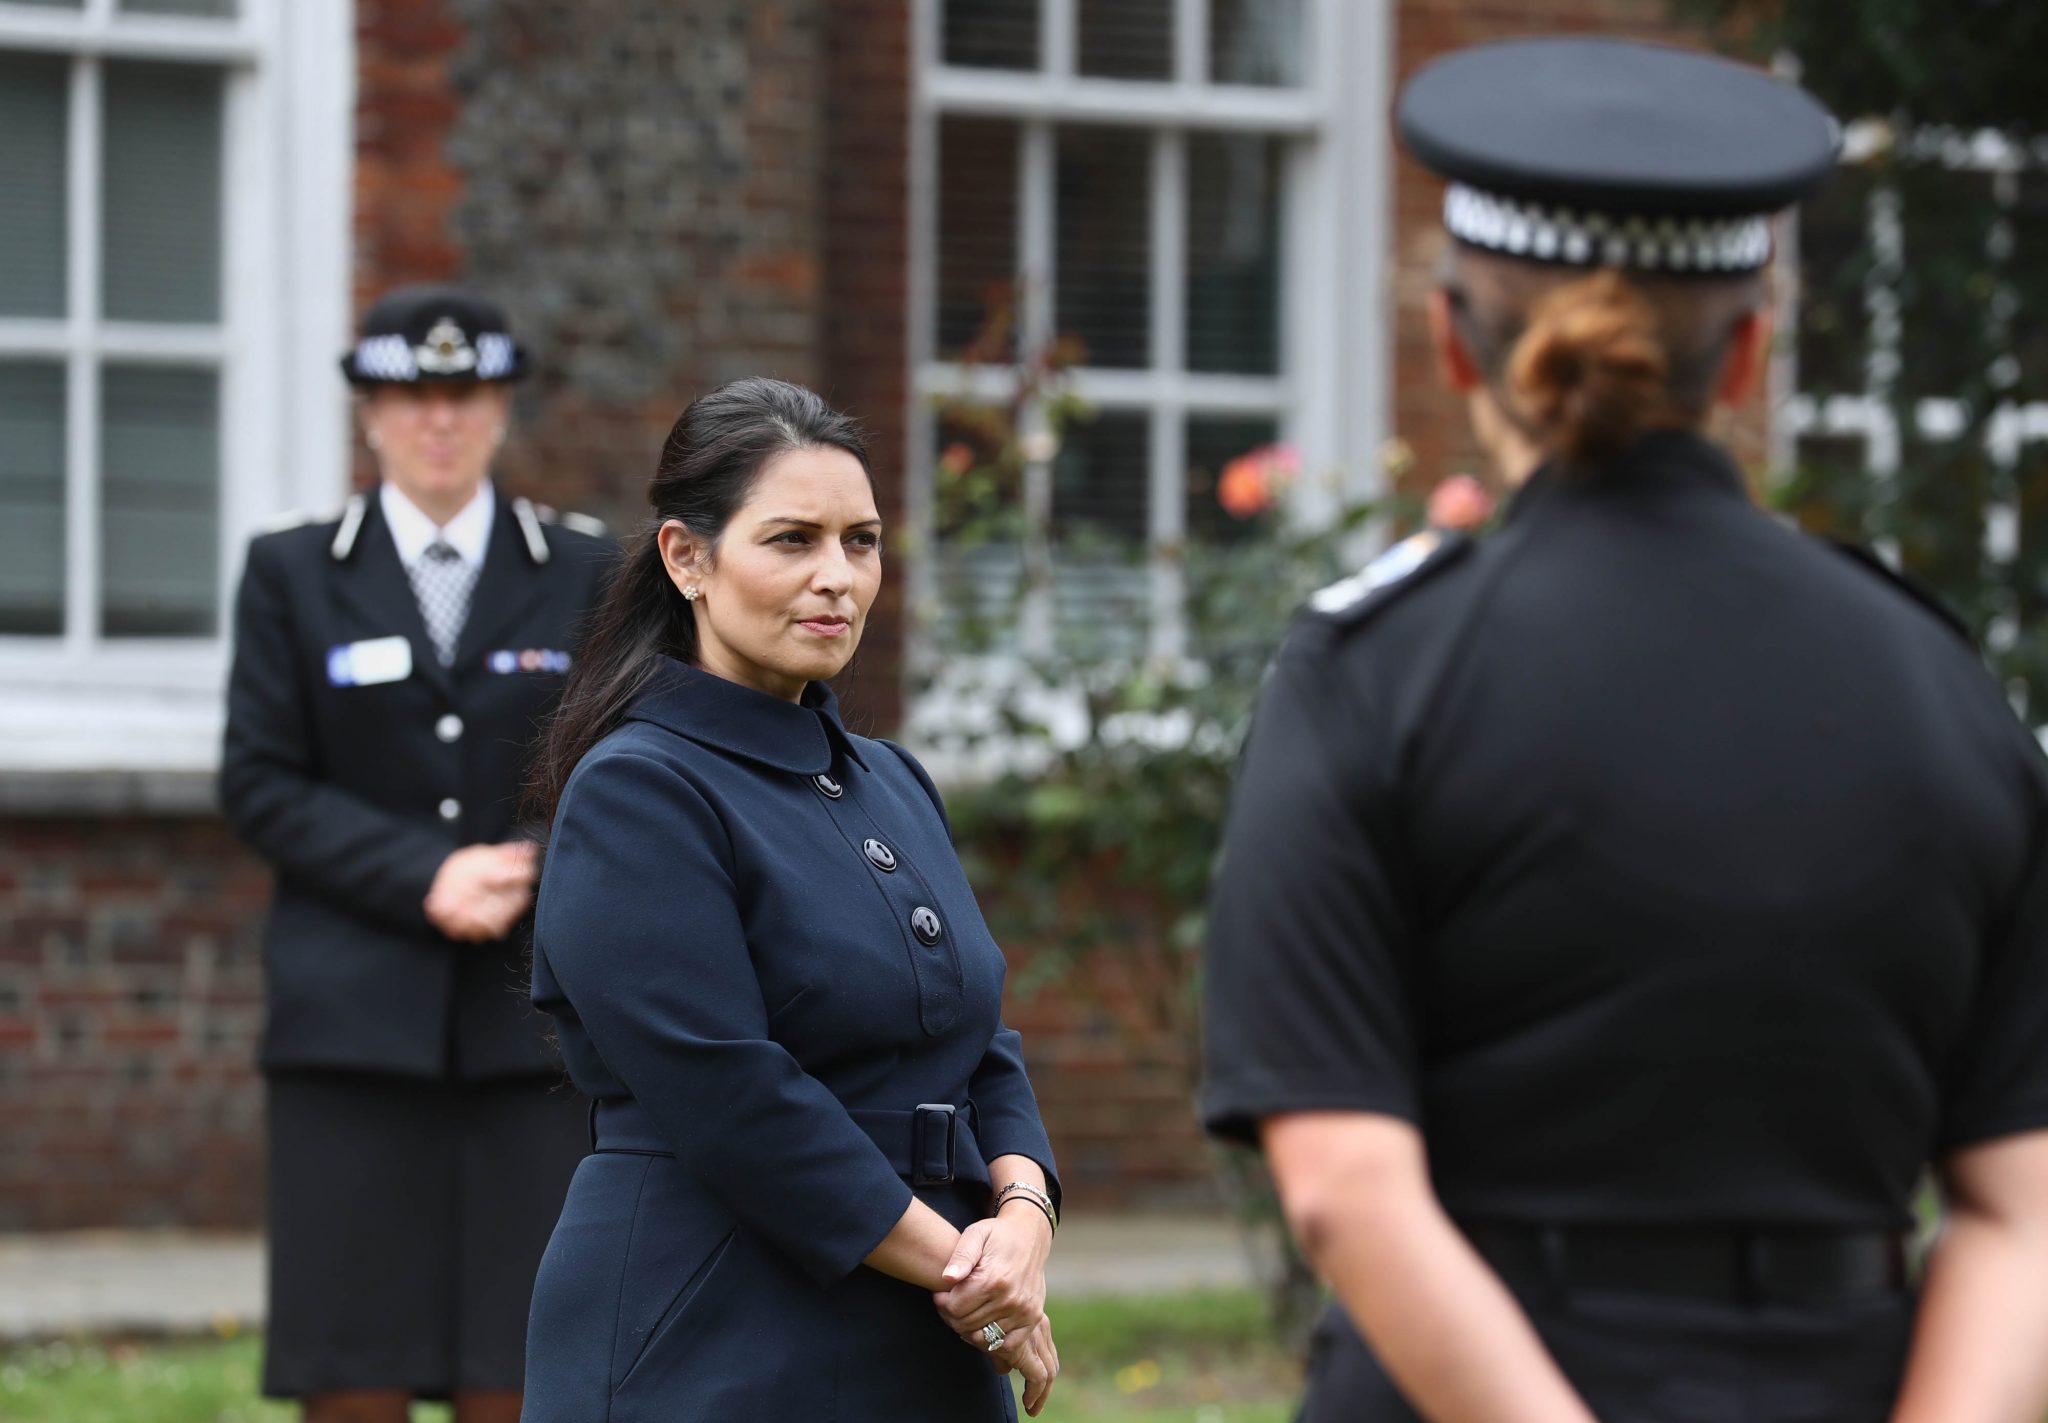 Die britische Innenministerin Priti Patel will illegale Einreisen verhindern Foto: picture alliance / empics